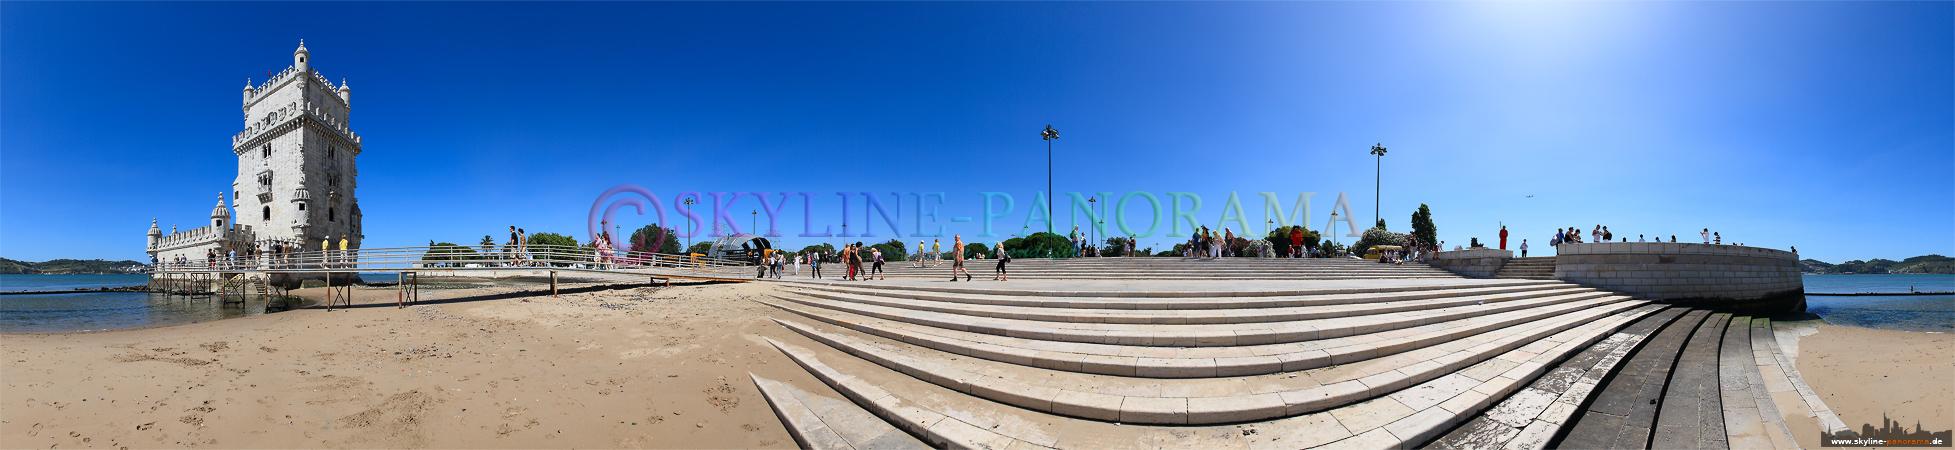 Portugal Bilder Lissabon - Am Fluß Tejo, links im Bild ist das bekannte Torre de Belem zu sehen.